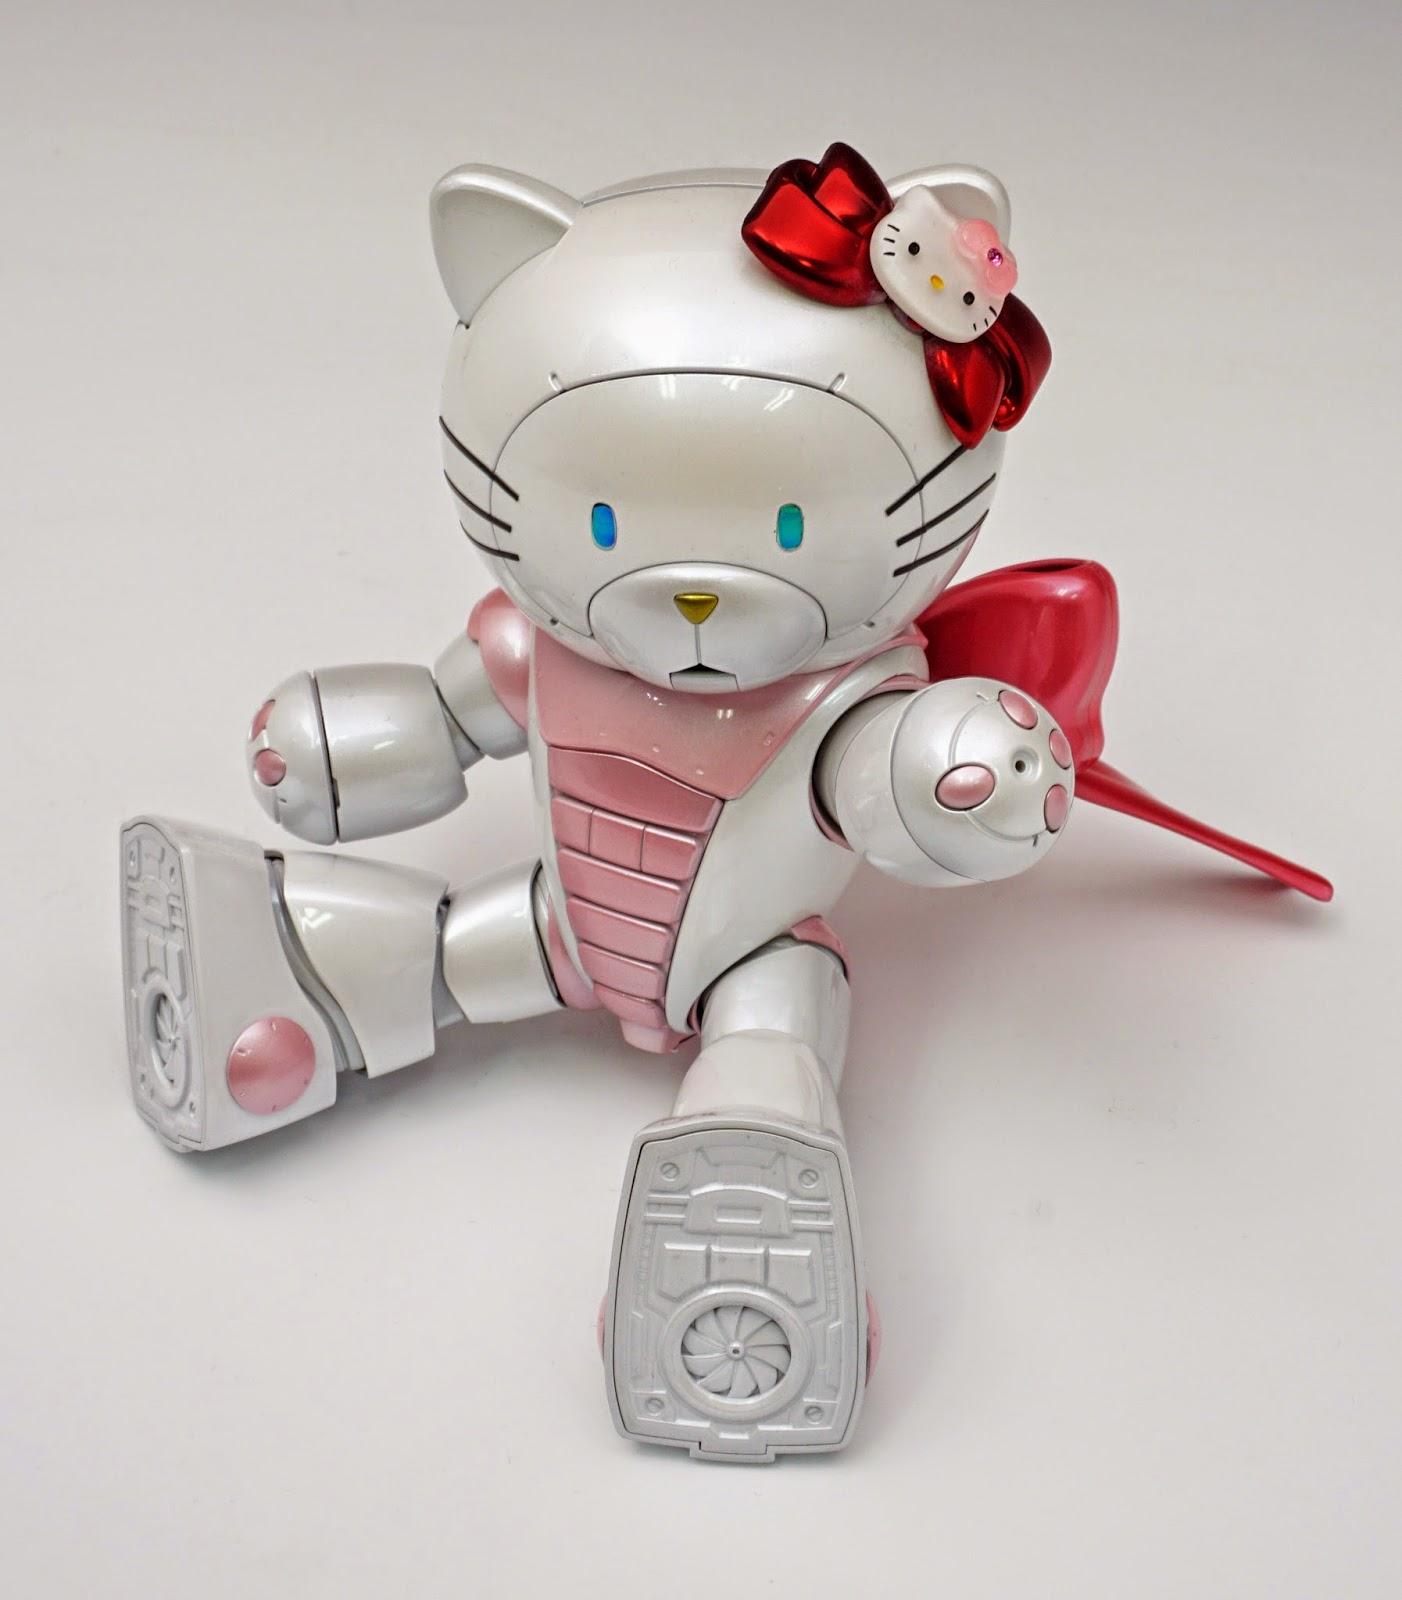 GUNDAM GUY: HGBF 1/144 BearGGuy III [Hello Kitty Ver